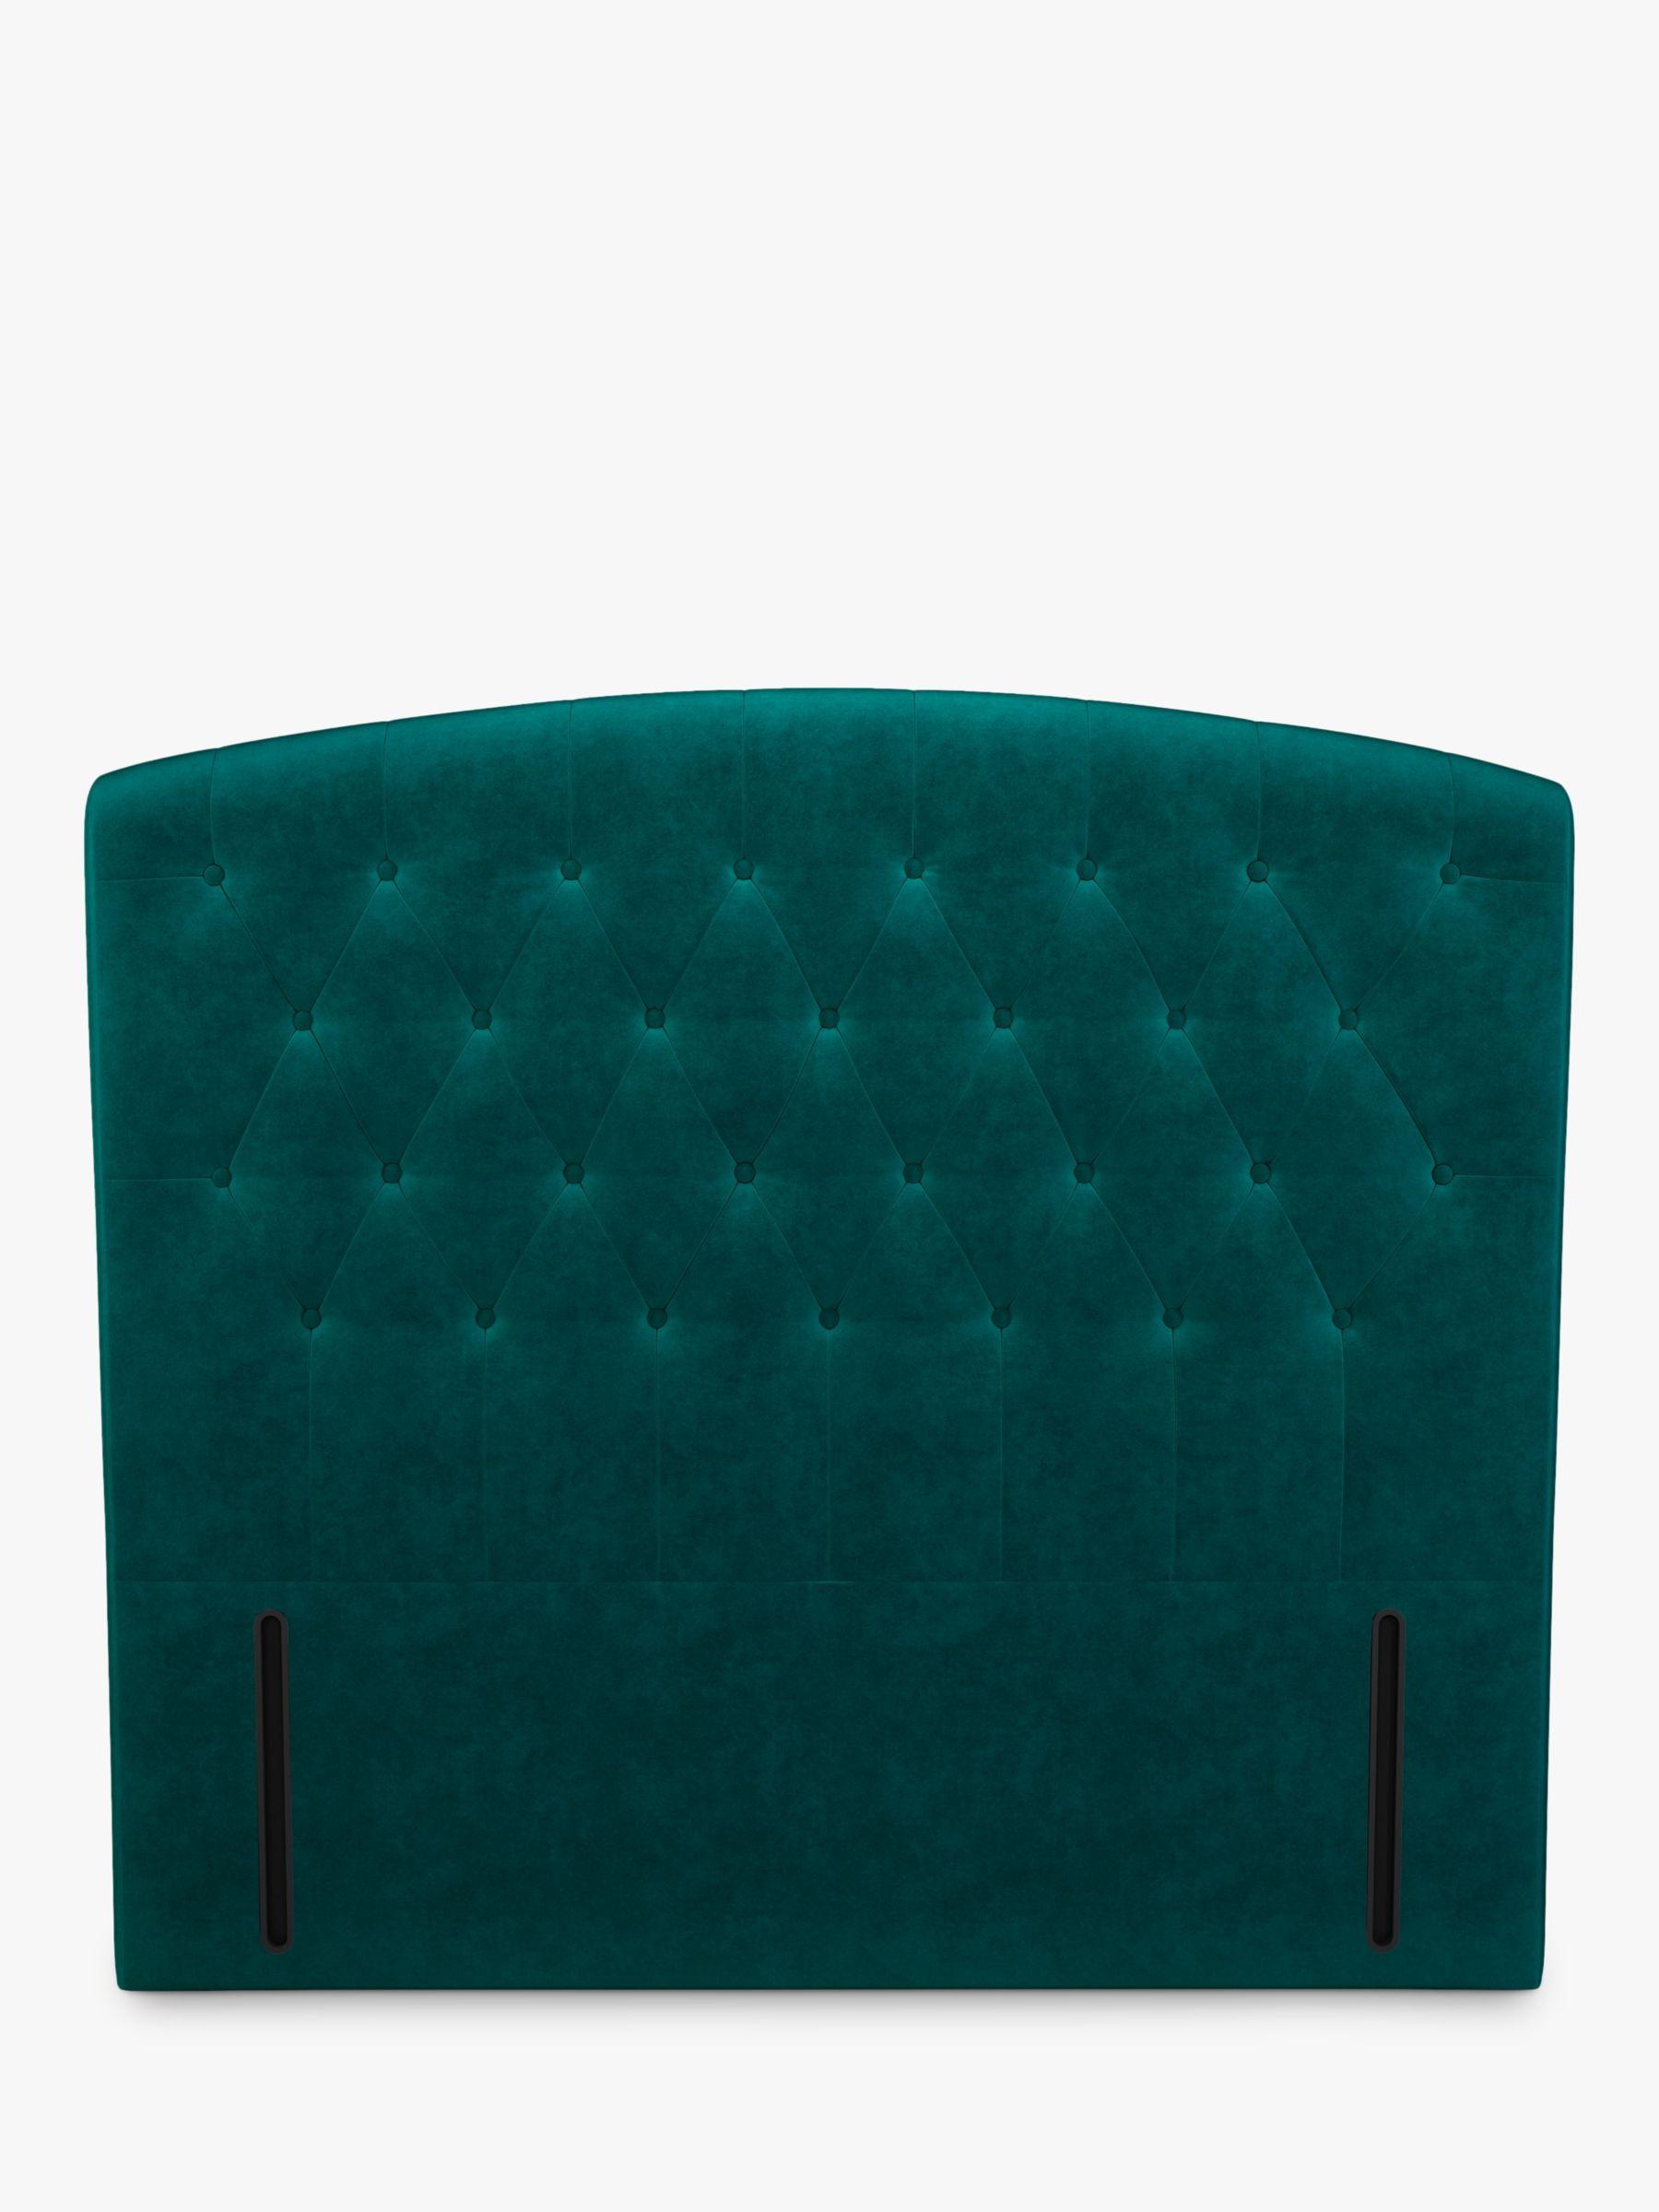 John Lewis & Partners Rouen Full Depth Upholstered Headboard, King Size